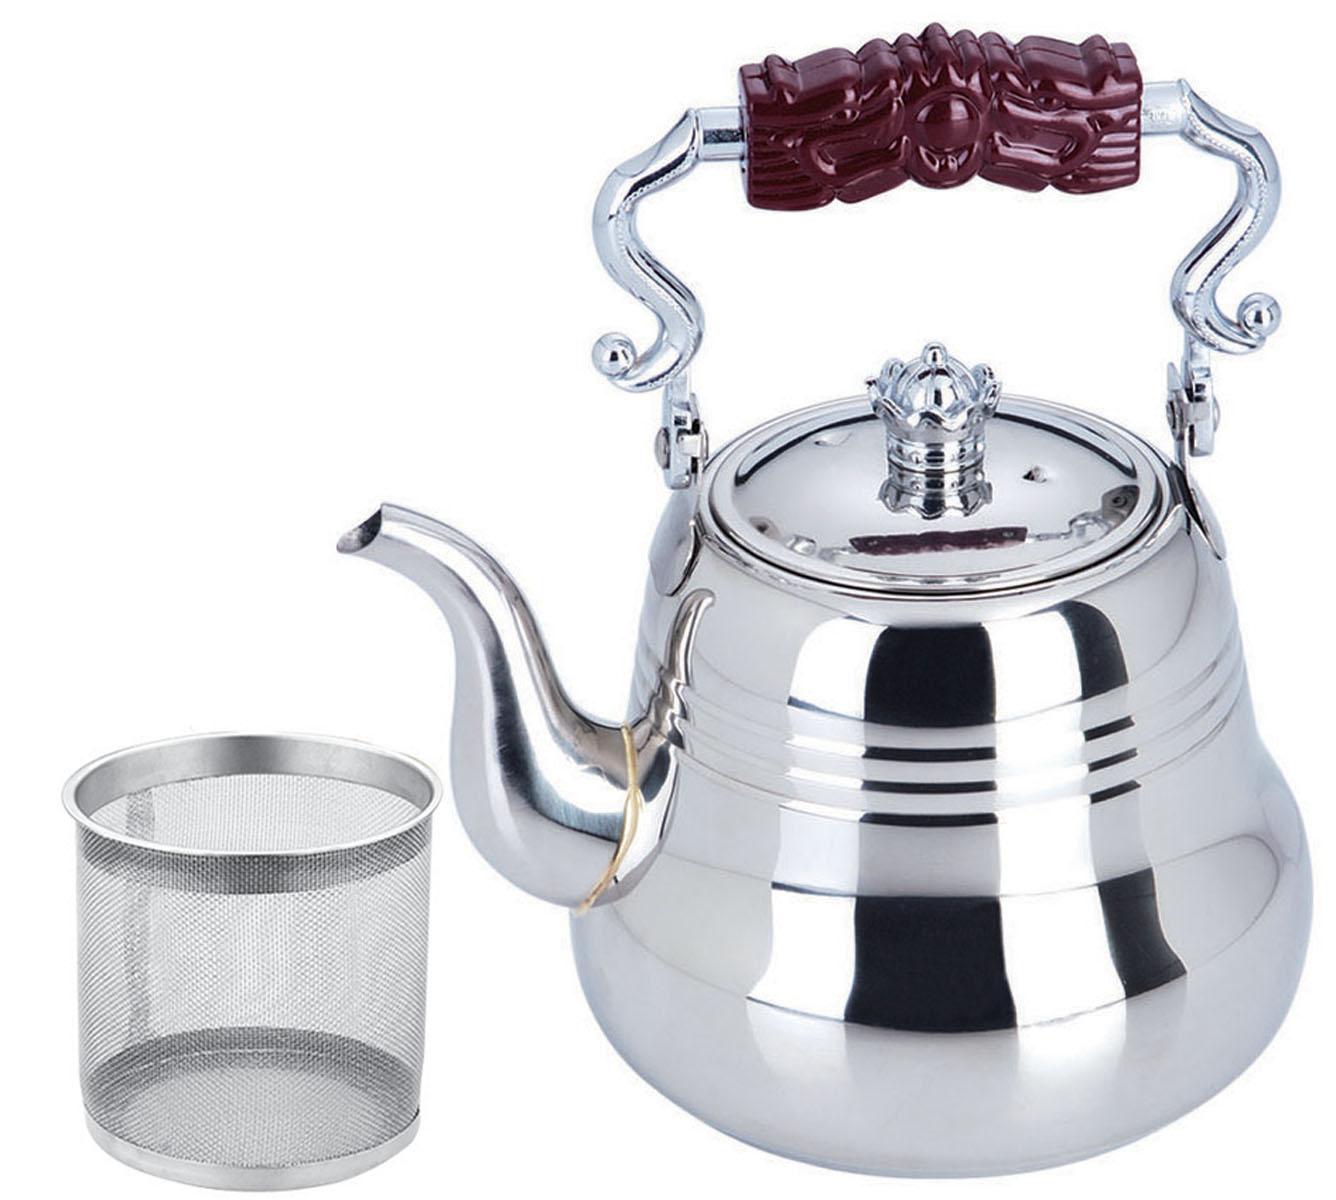 Чайник Bekker, с ситечком, 1,5 лBK-S497Чайник Bekker выполнен из высококачественной нержавеющей стали, что обеспечивает долговечность использования. Внешнее зеркальное покрытие придает приятный внешний вид. Бакелитовая ручка делает использование чайника очень удобным и безопасным. Чайник снабжен ситечком для заваривания. Можно мыть в посудомоечной машине. Пригоден для всех видов плит, включая индукционные.